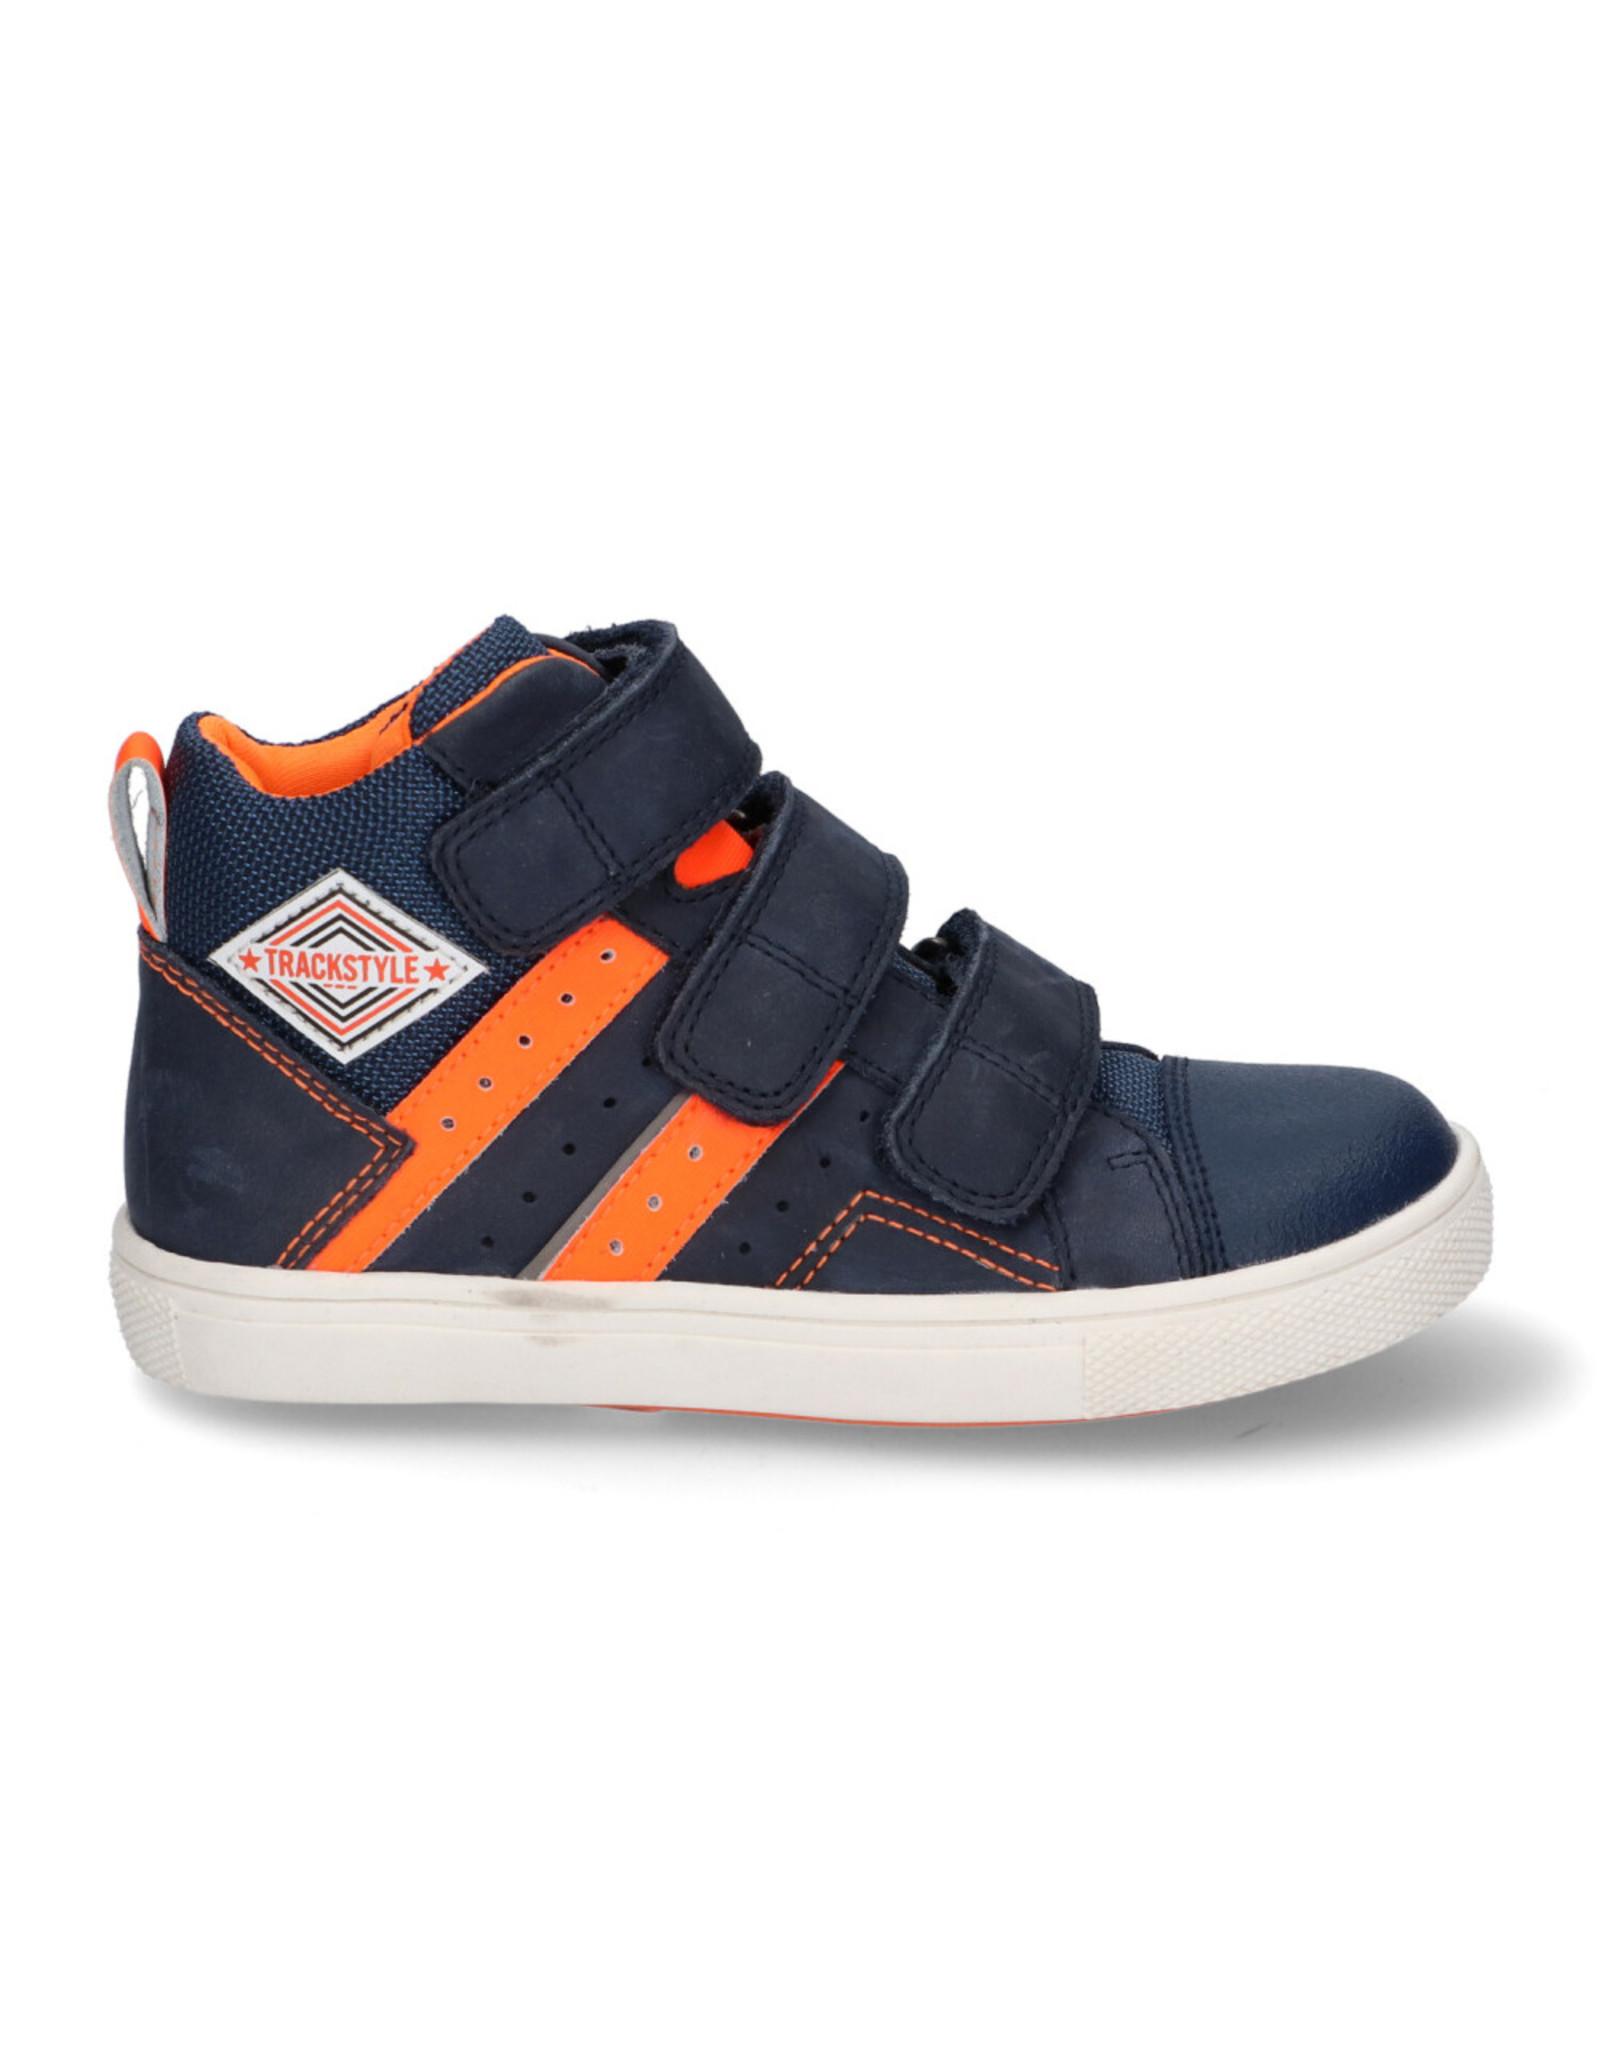 Track - Style Track - Style hoge klittebandschoen Blauw/Oranje